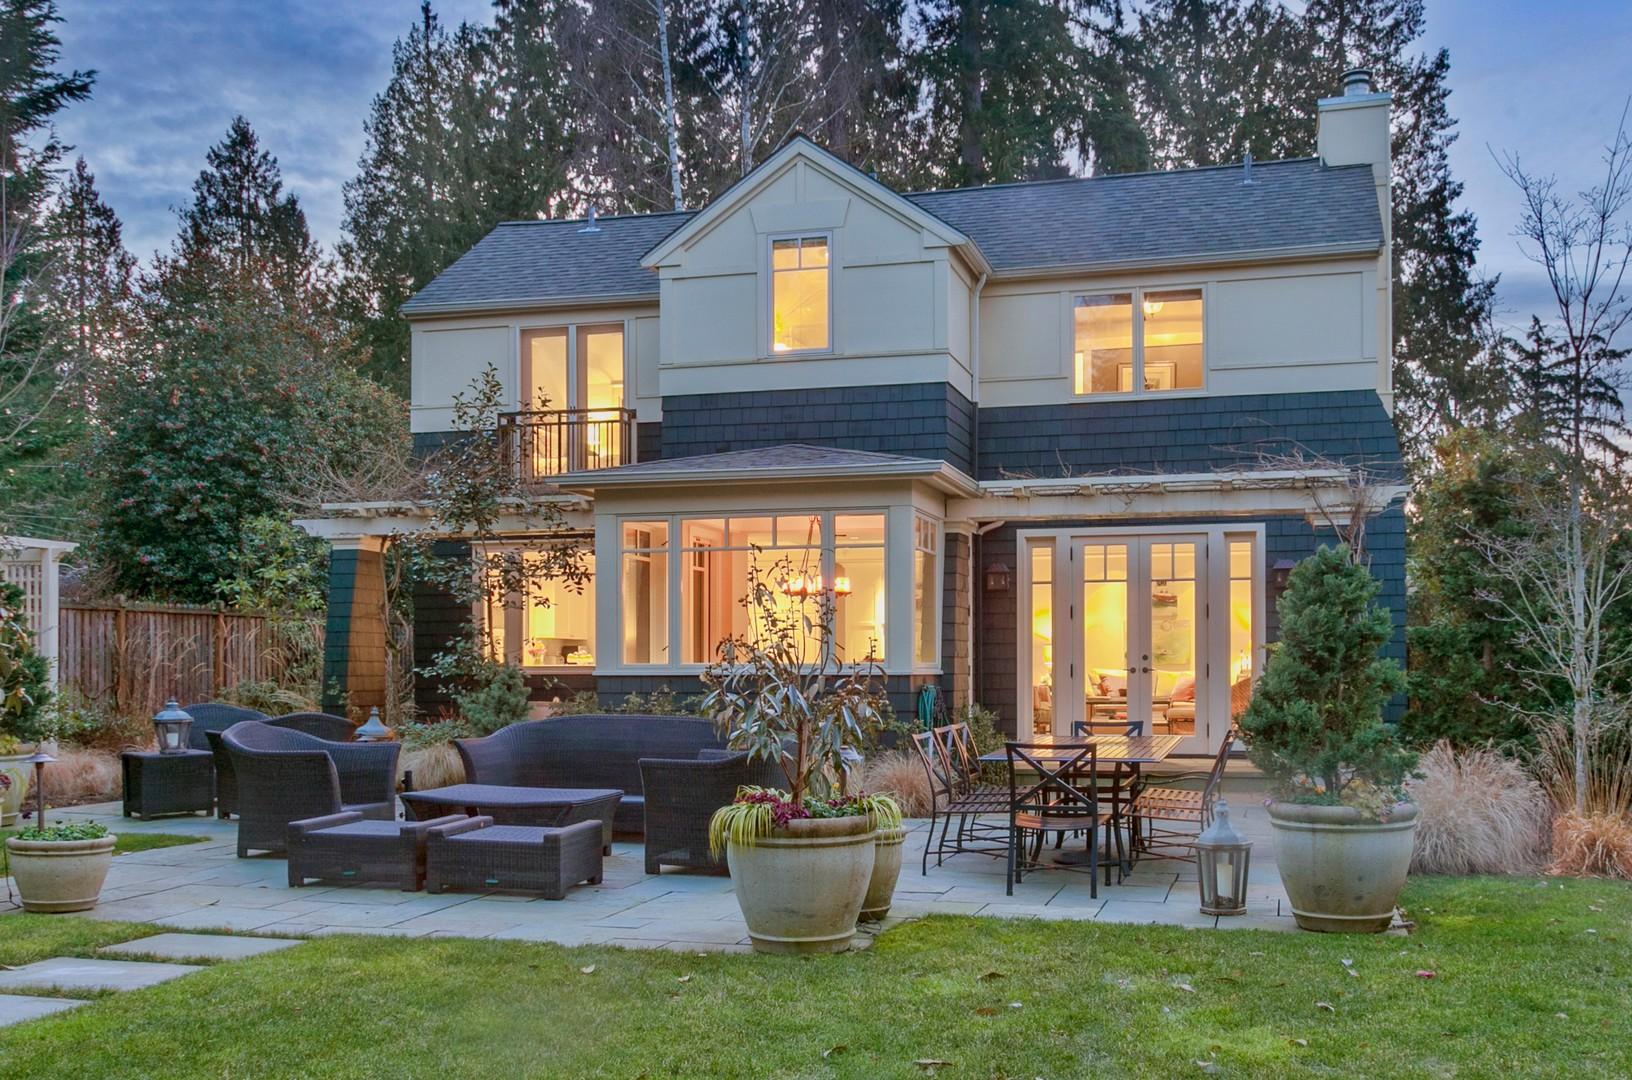 獨棟家庭住宅 為 出售 在 Yarrow Point 4010 94th Ave NE Yarrow Point, 華盛頓州, 98004 美國